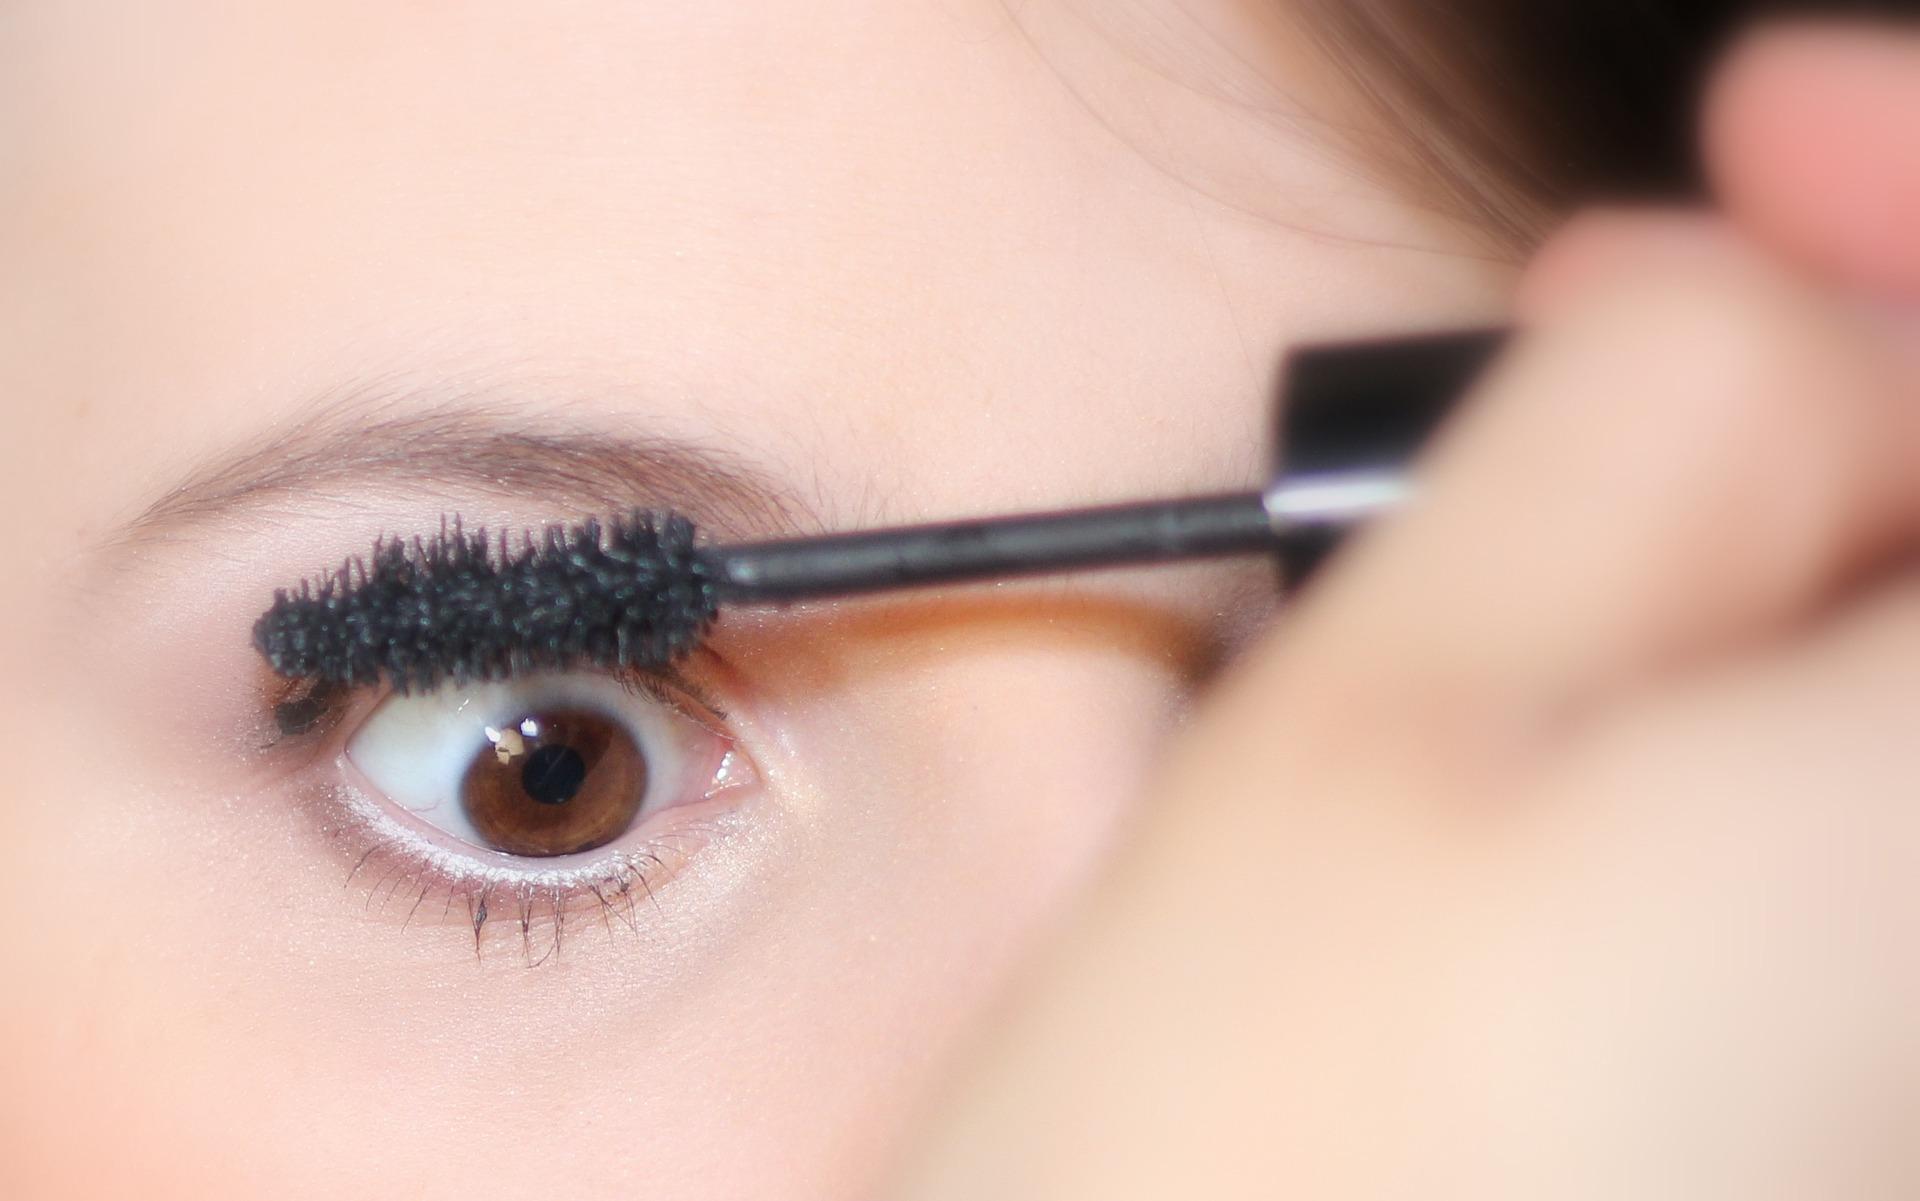 3.眼 眼睛亮,氣色就好!所以要定期用茶包、小黃瓜消除泡泡眼喔!靈魂之窗的窗簾「睫毛」可以幫助眼睛更亮,所以睫毛很低落的人,「燙睫毛器」是你的好幫手,想讓眼睛亮起來就靠它了!